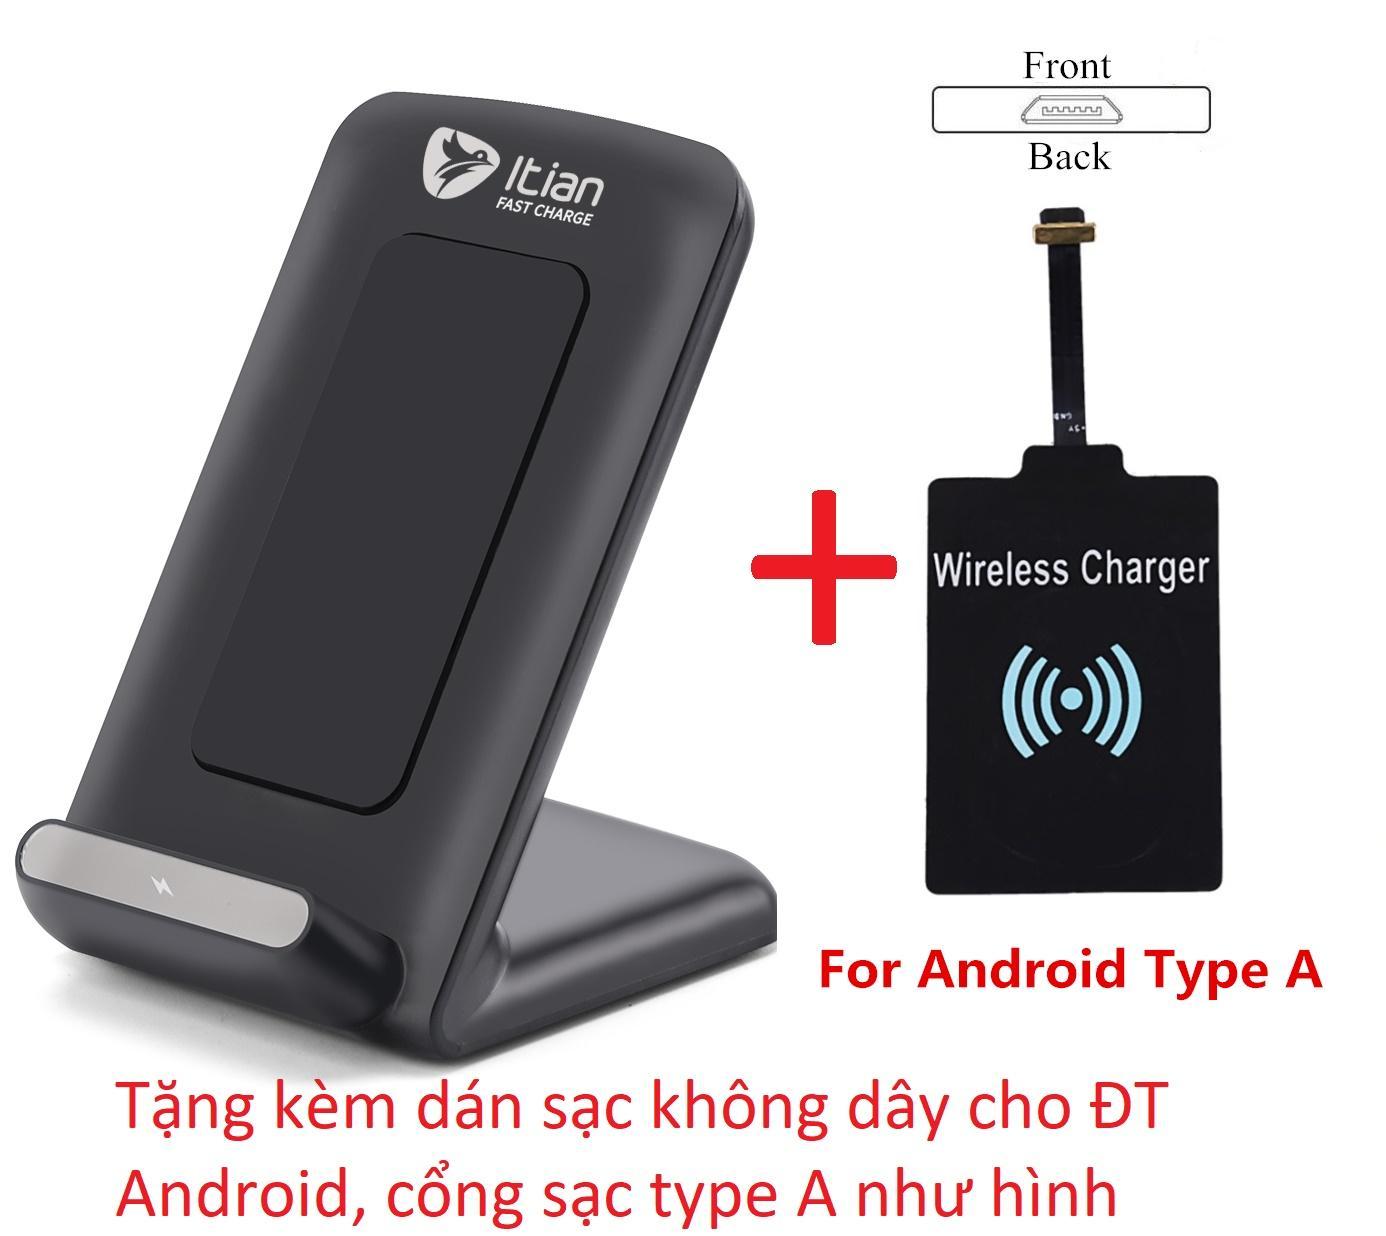 Đế Sạc Nhanh Fastcharge Khong Day Cho Samsung S6 S7 S8 Iphone8 Iphonex Qi Itian A18 10W Đen Tặng Kem Dan Sạc Khong Day Android Hồ Chí Minh Chiết Khấu